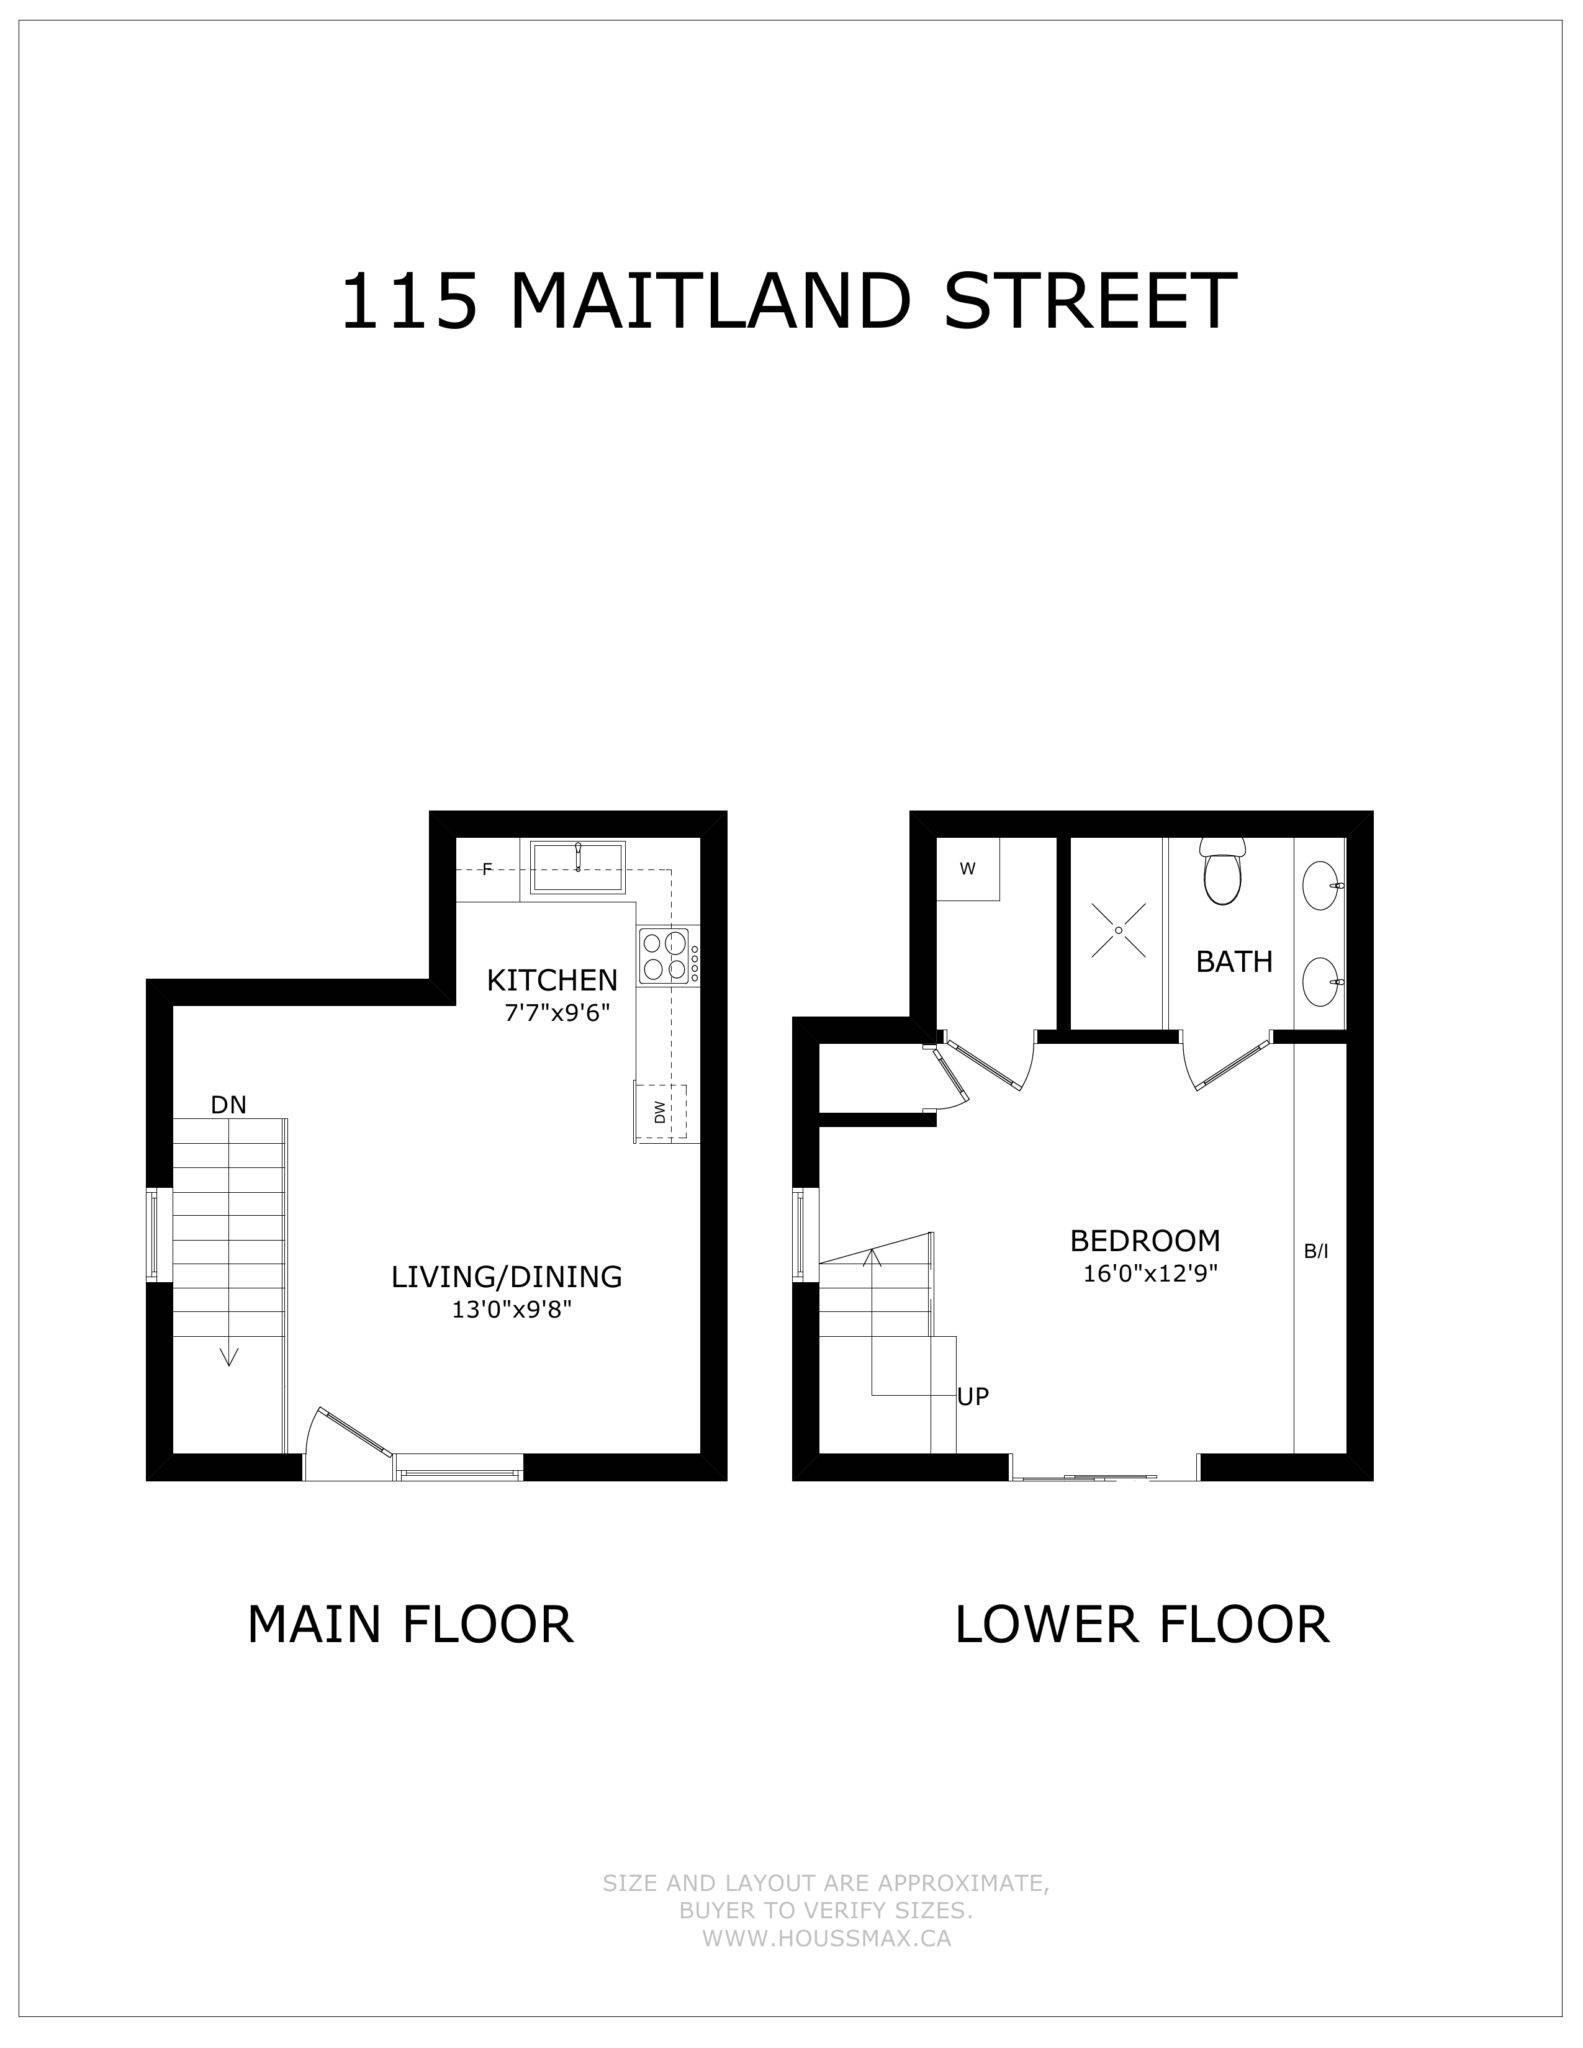 Floor plans for 115 Maitland Street